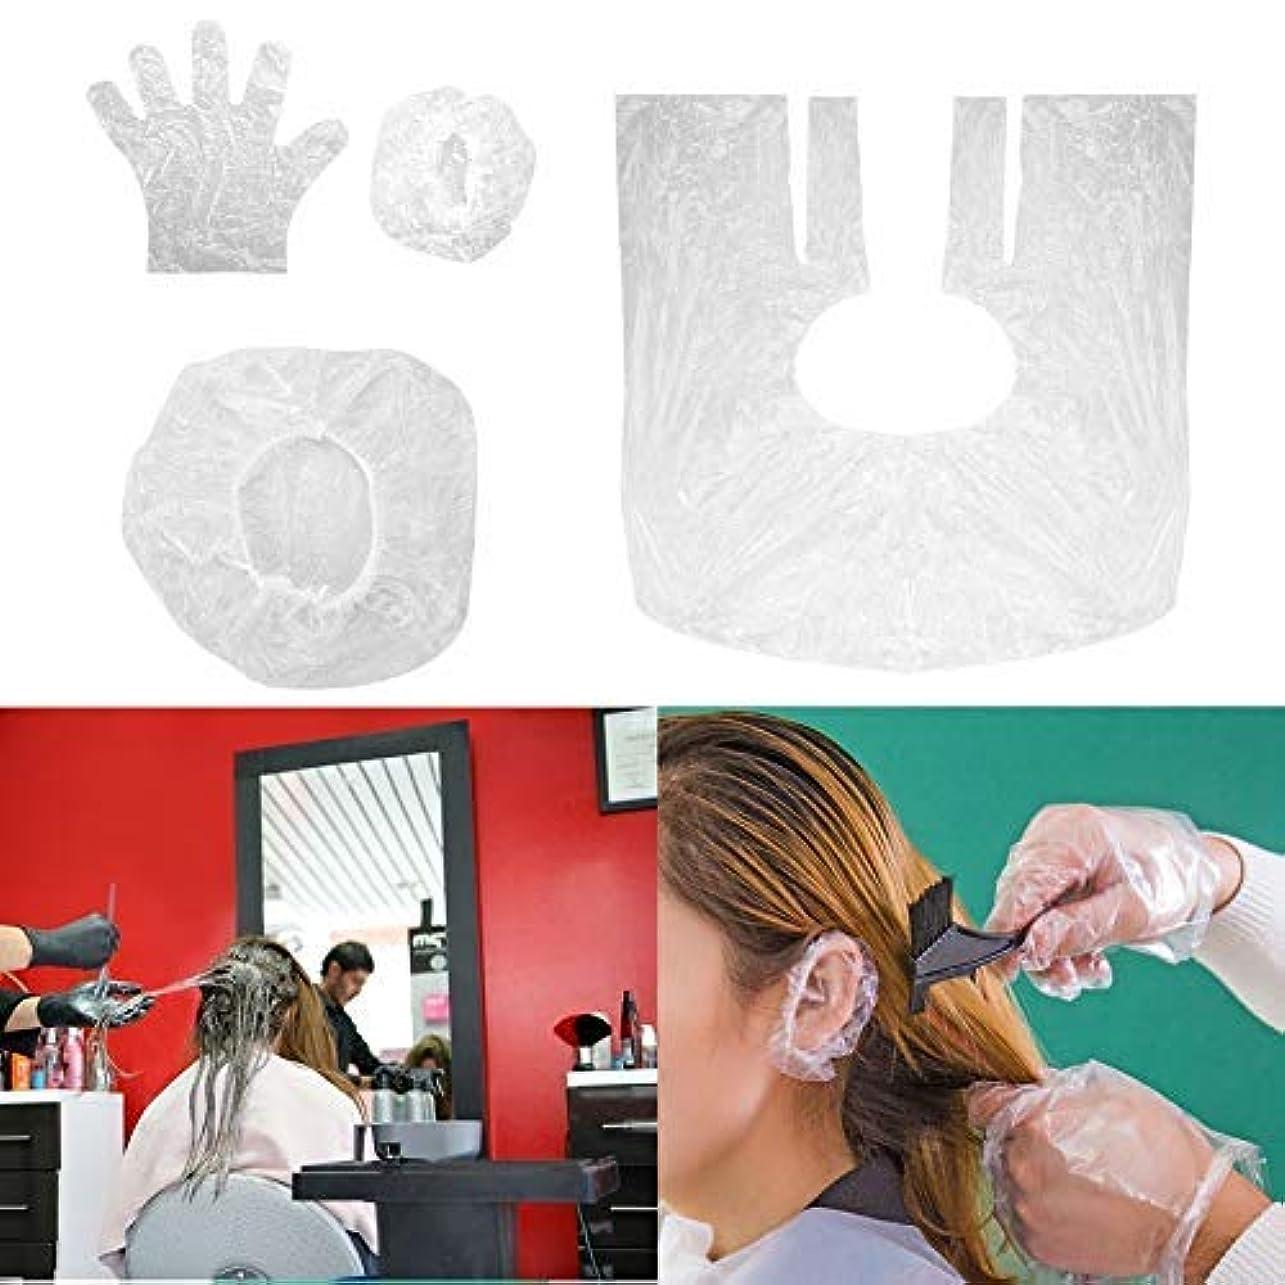 桁スツール検証毛染め用 髪染め シャワーキャップ サロン 耳キャップ シャワーキャップ 手袋 使い捨て 10点セット